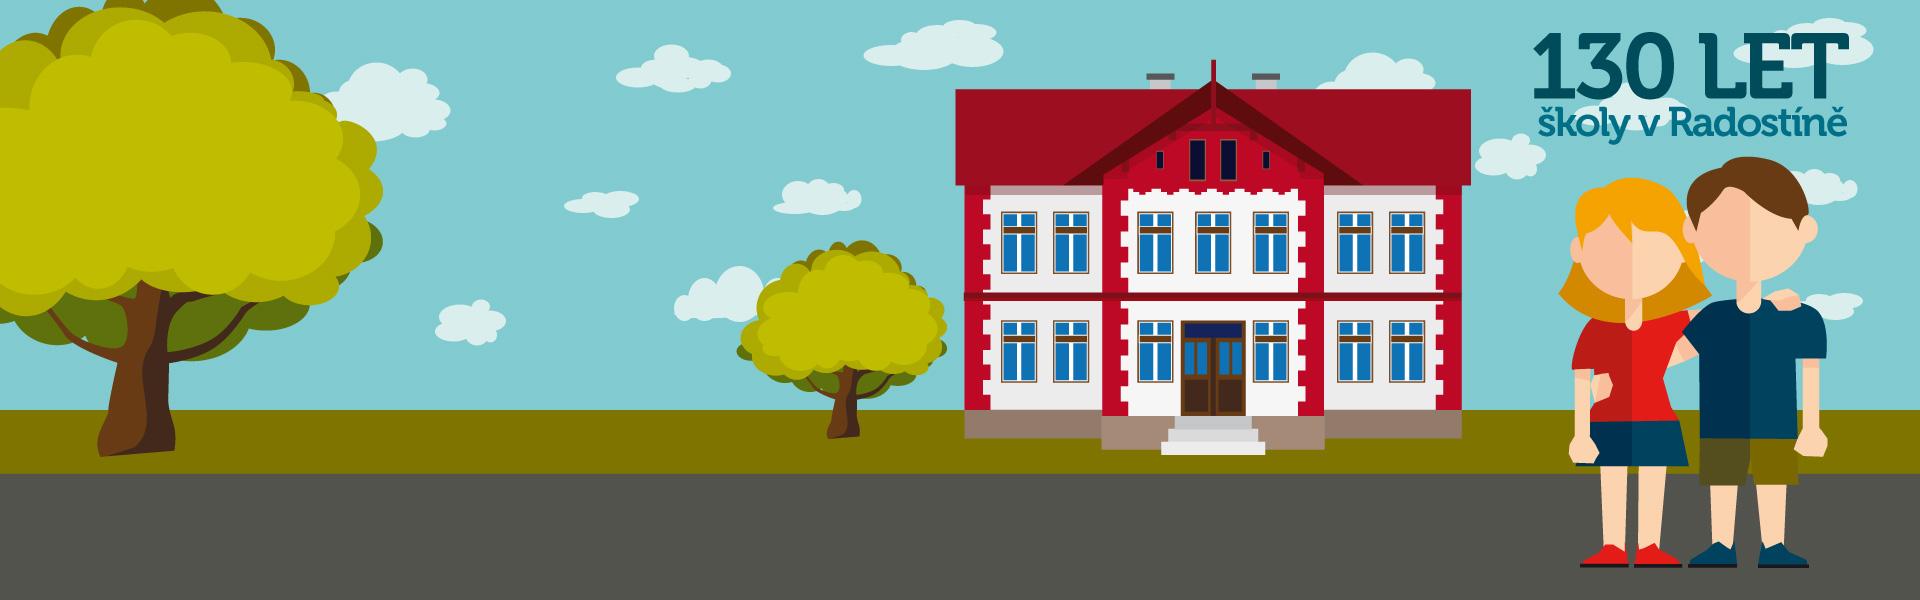 Naše škola už je tu více jak 130 let